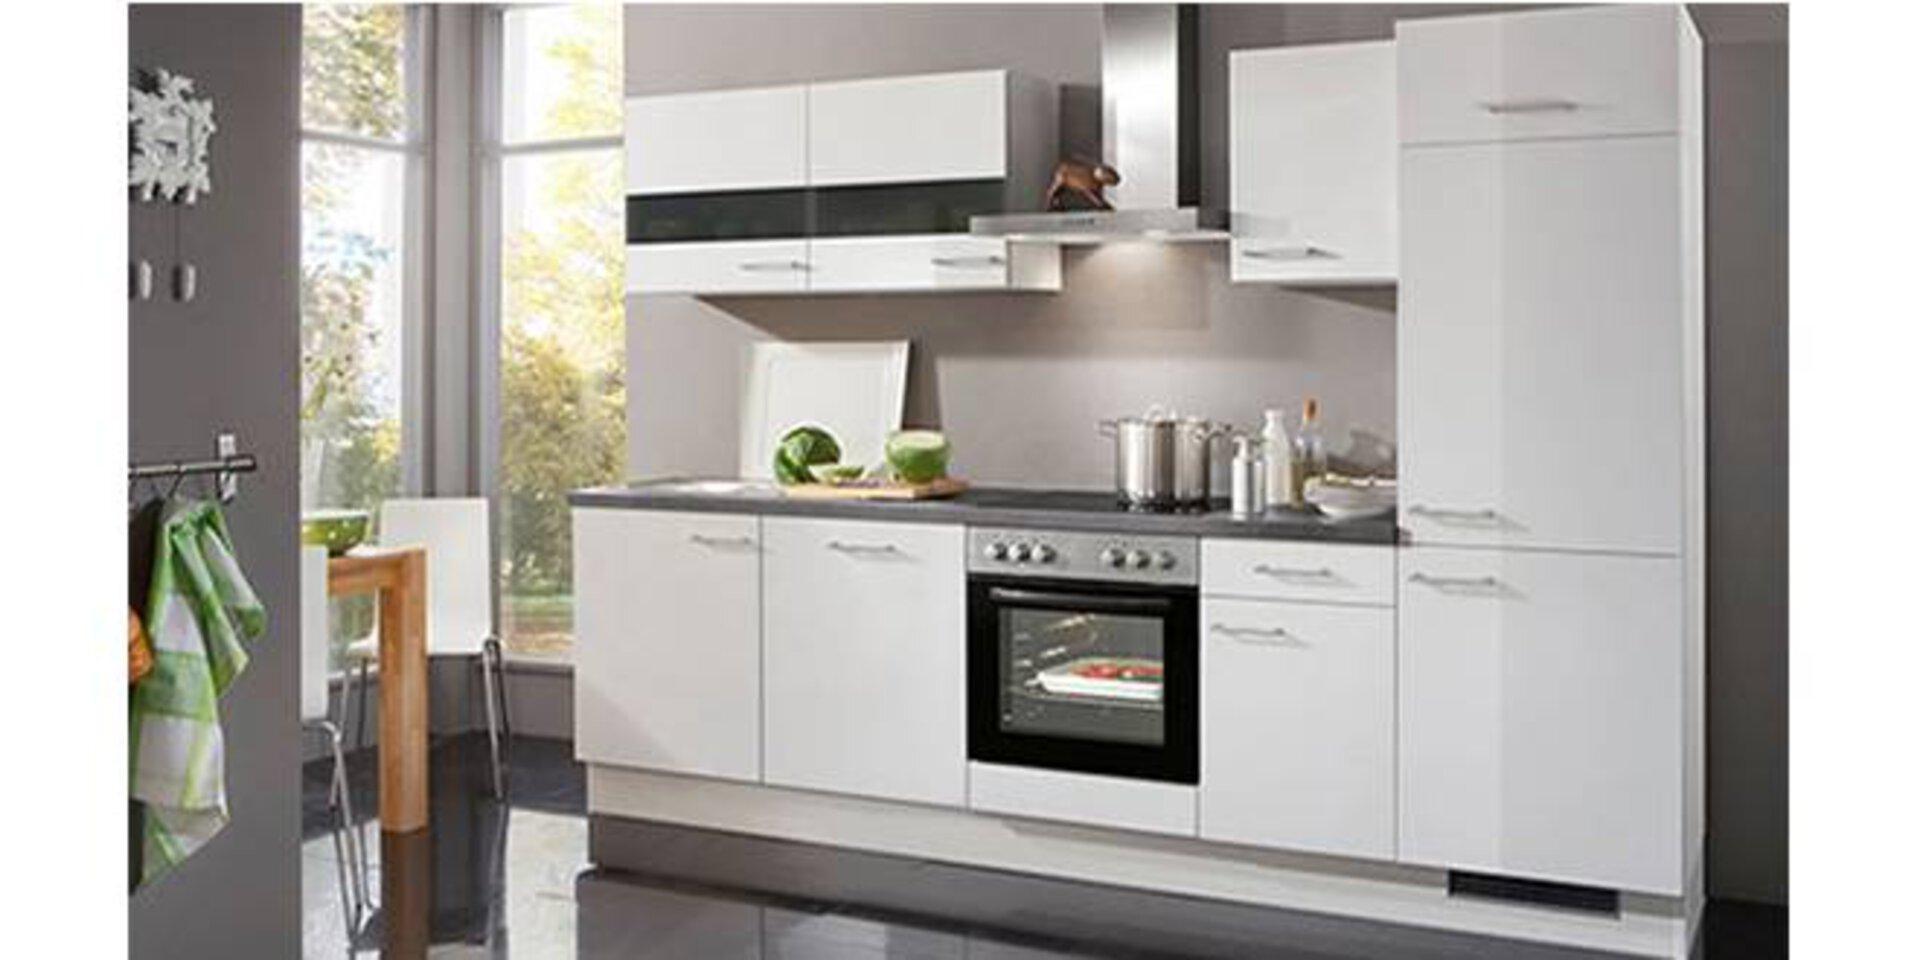 Eine weiße Küchenzeile inklusive Hochschränken zeigt eine typische Kompaktküche.